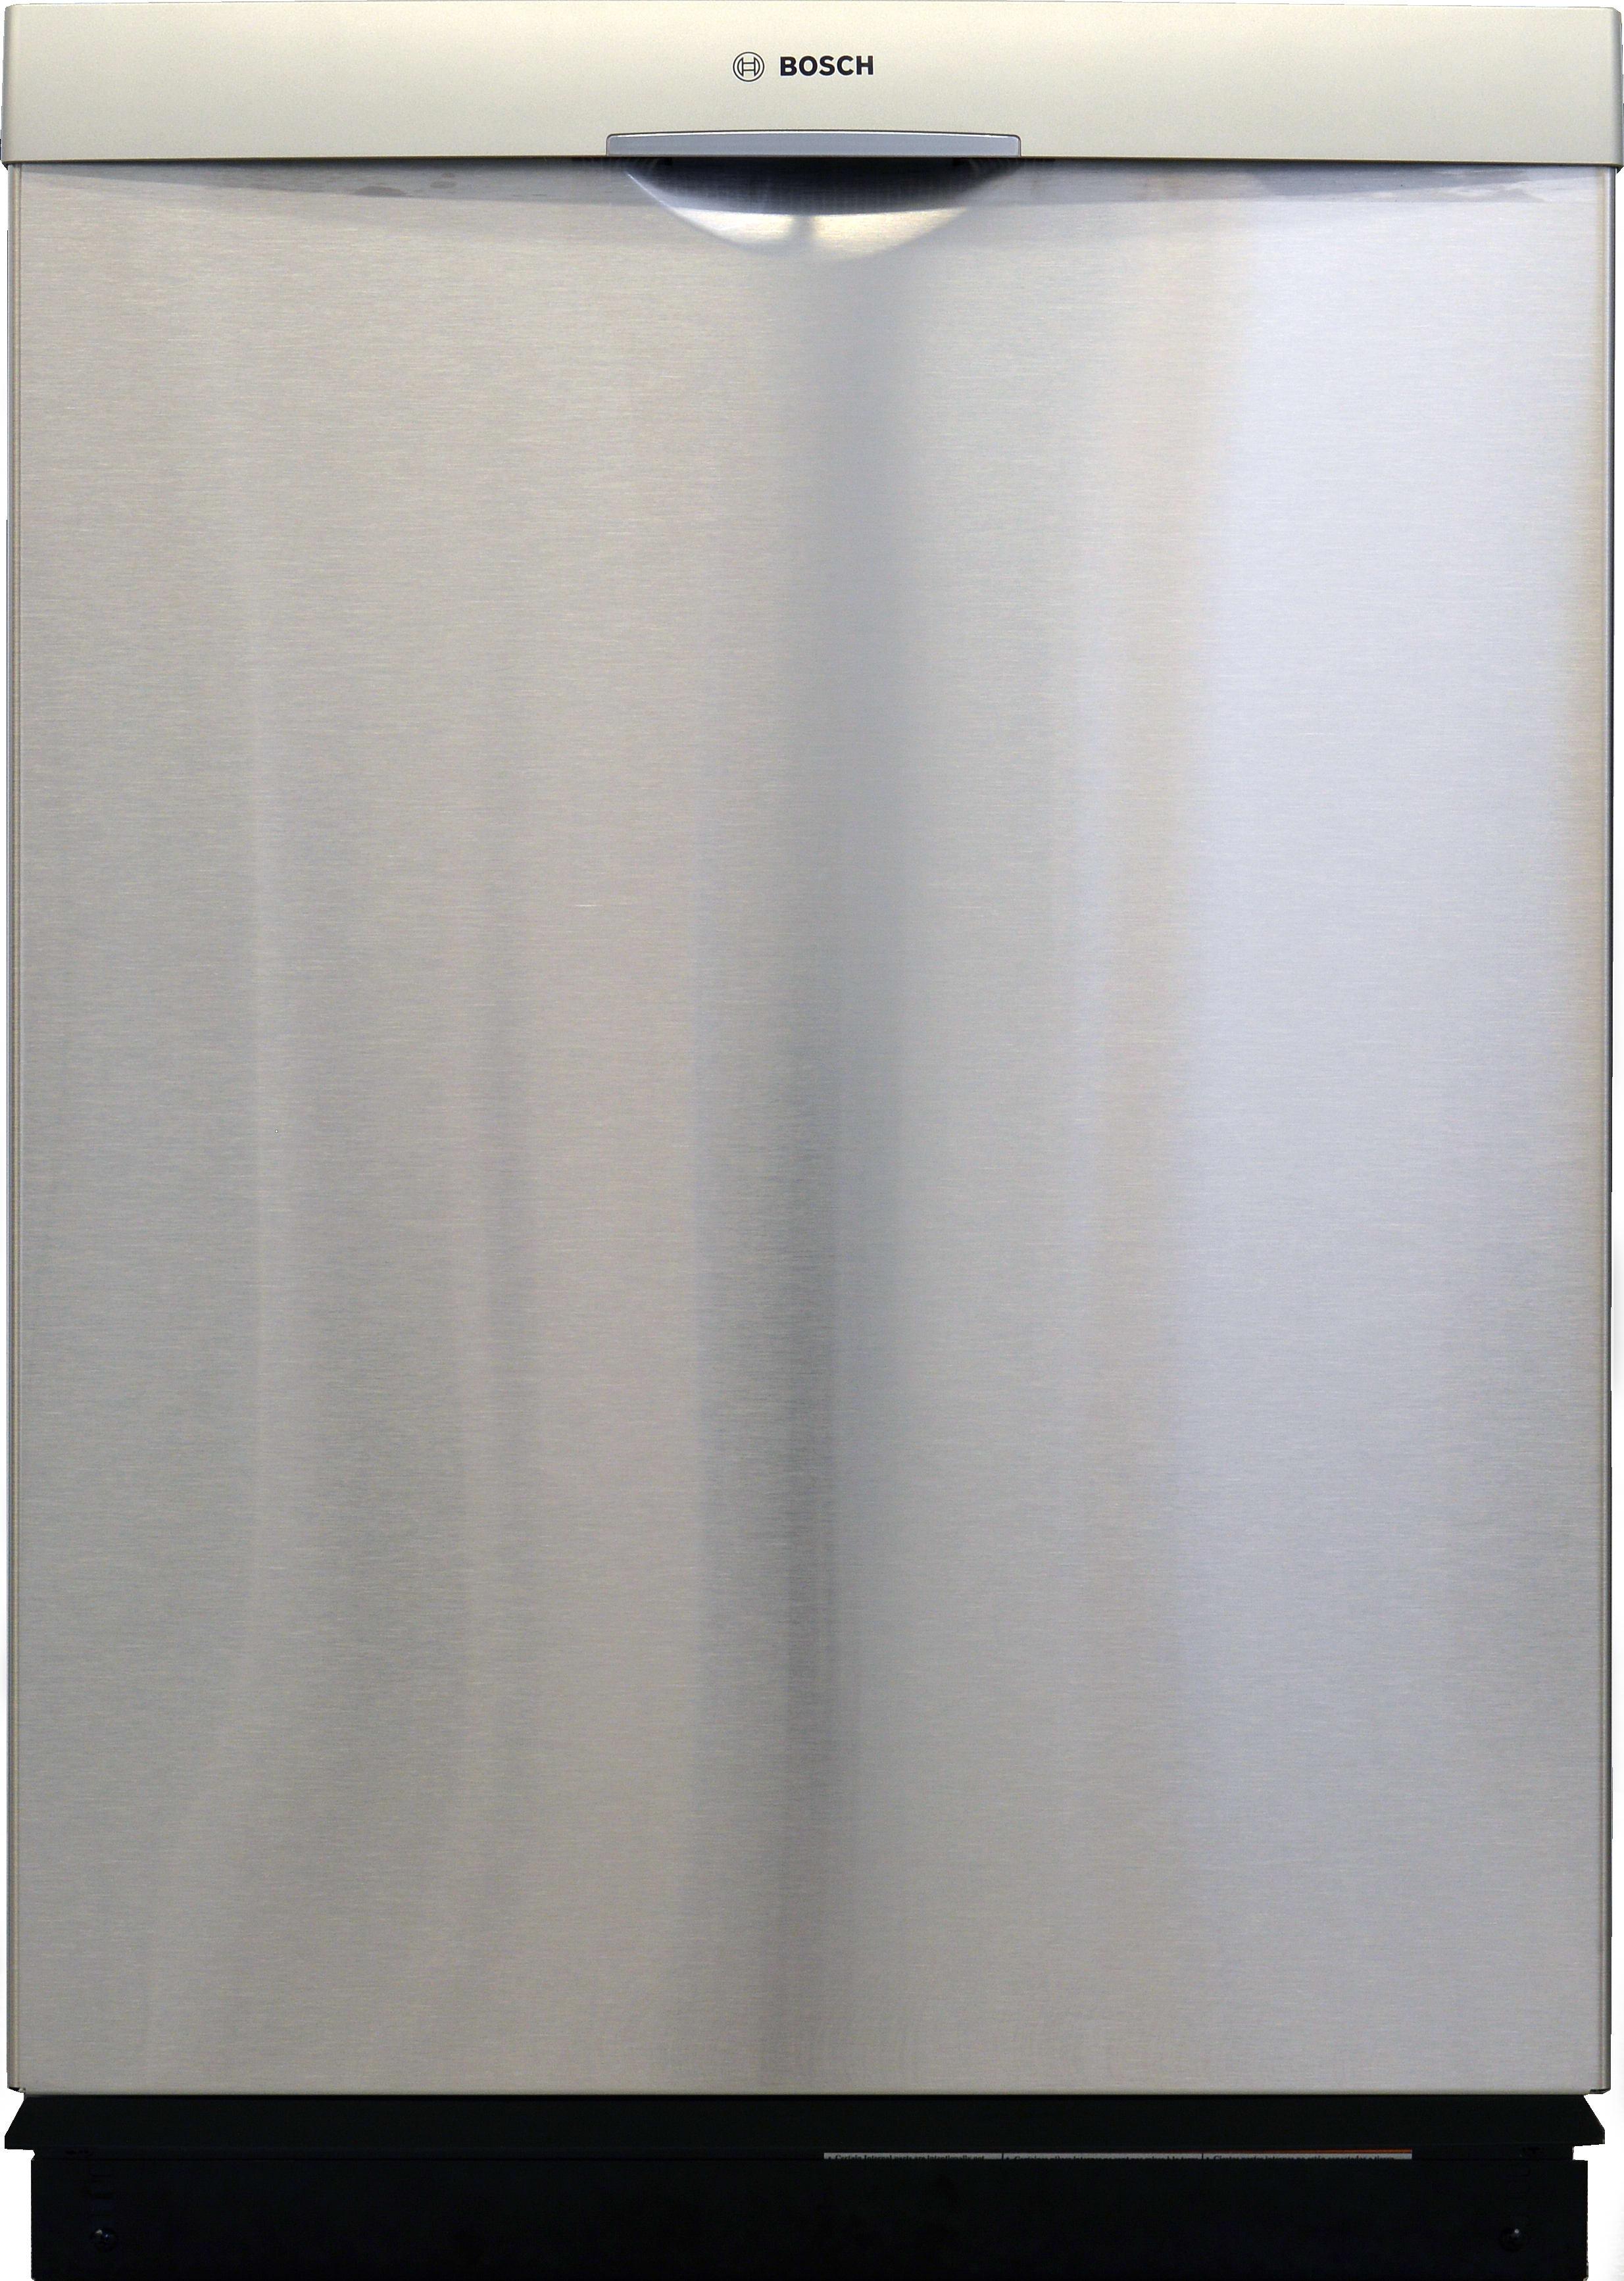 Bosch SHS5AV55UC front vanity shot